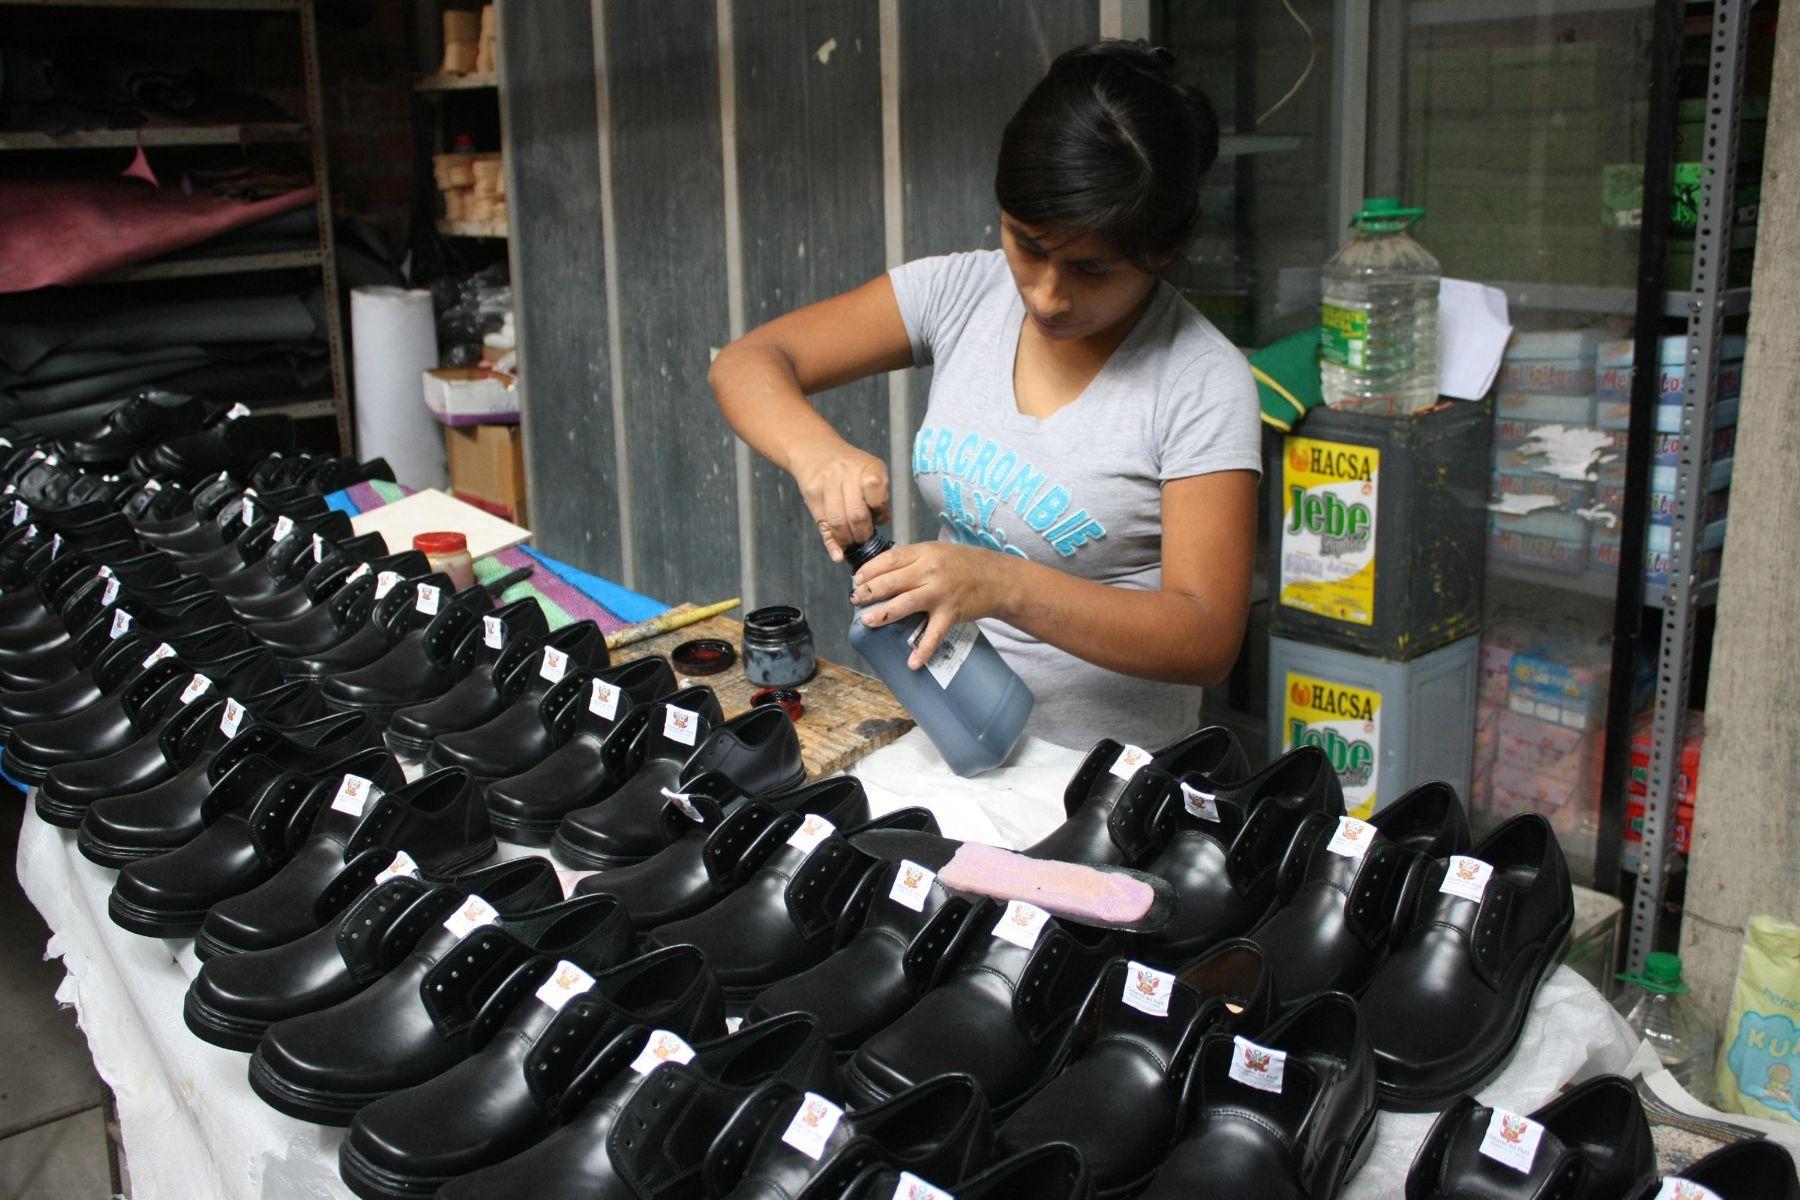 Peruanos Zapatos Peruanos Mujer Zapatos Mujer Peruanos Zapatos Xxqax4wZB